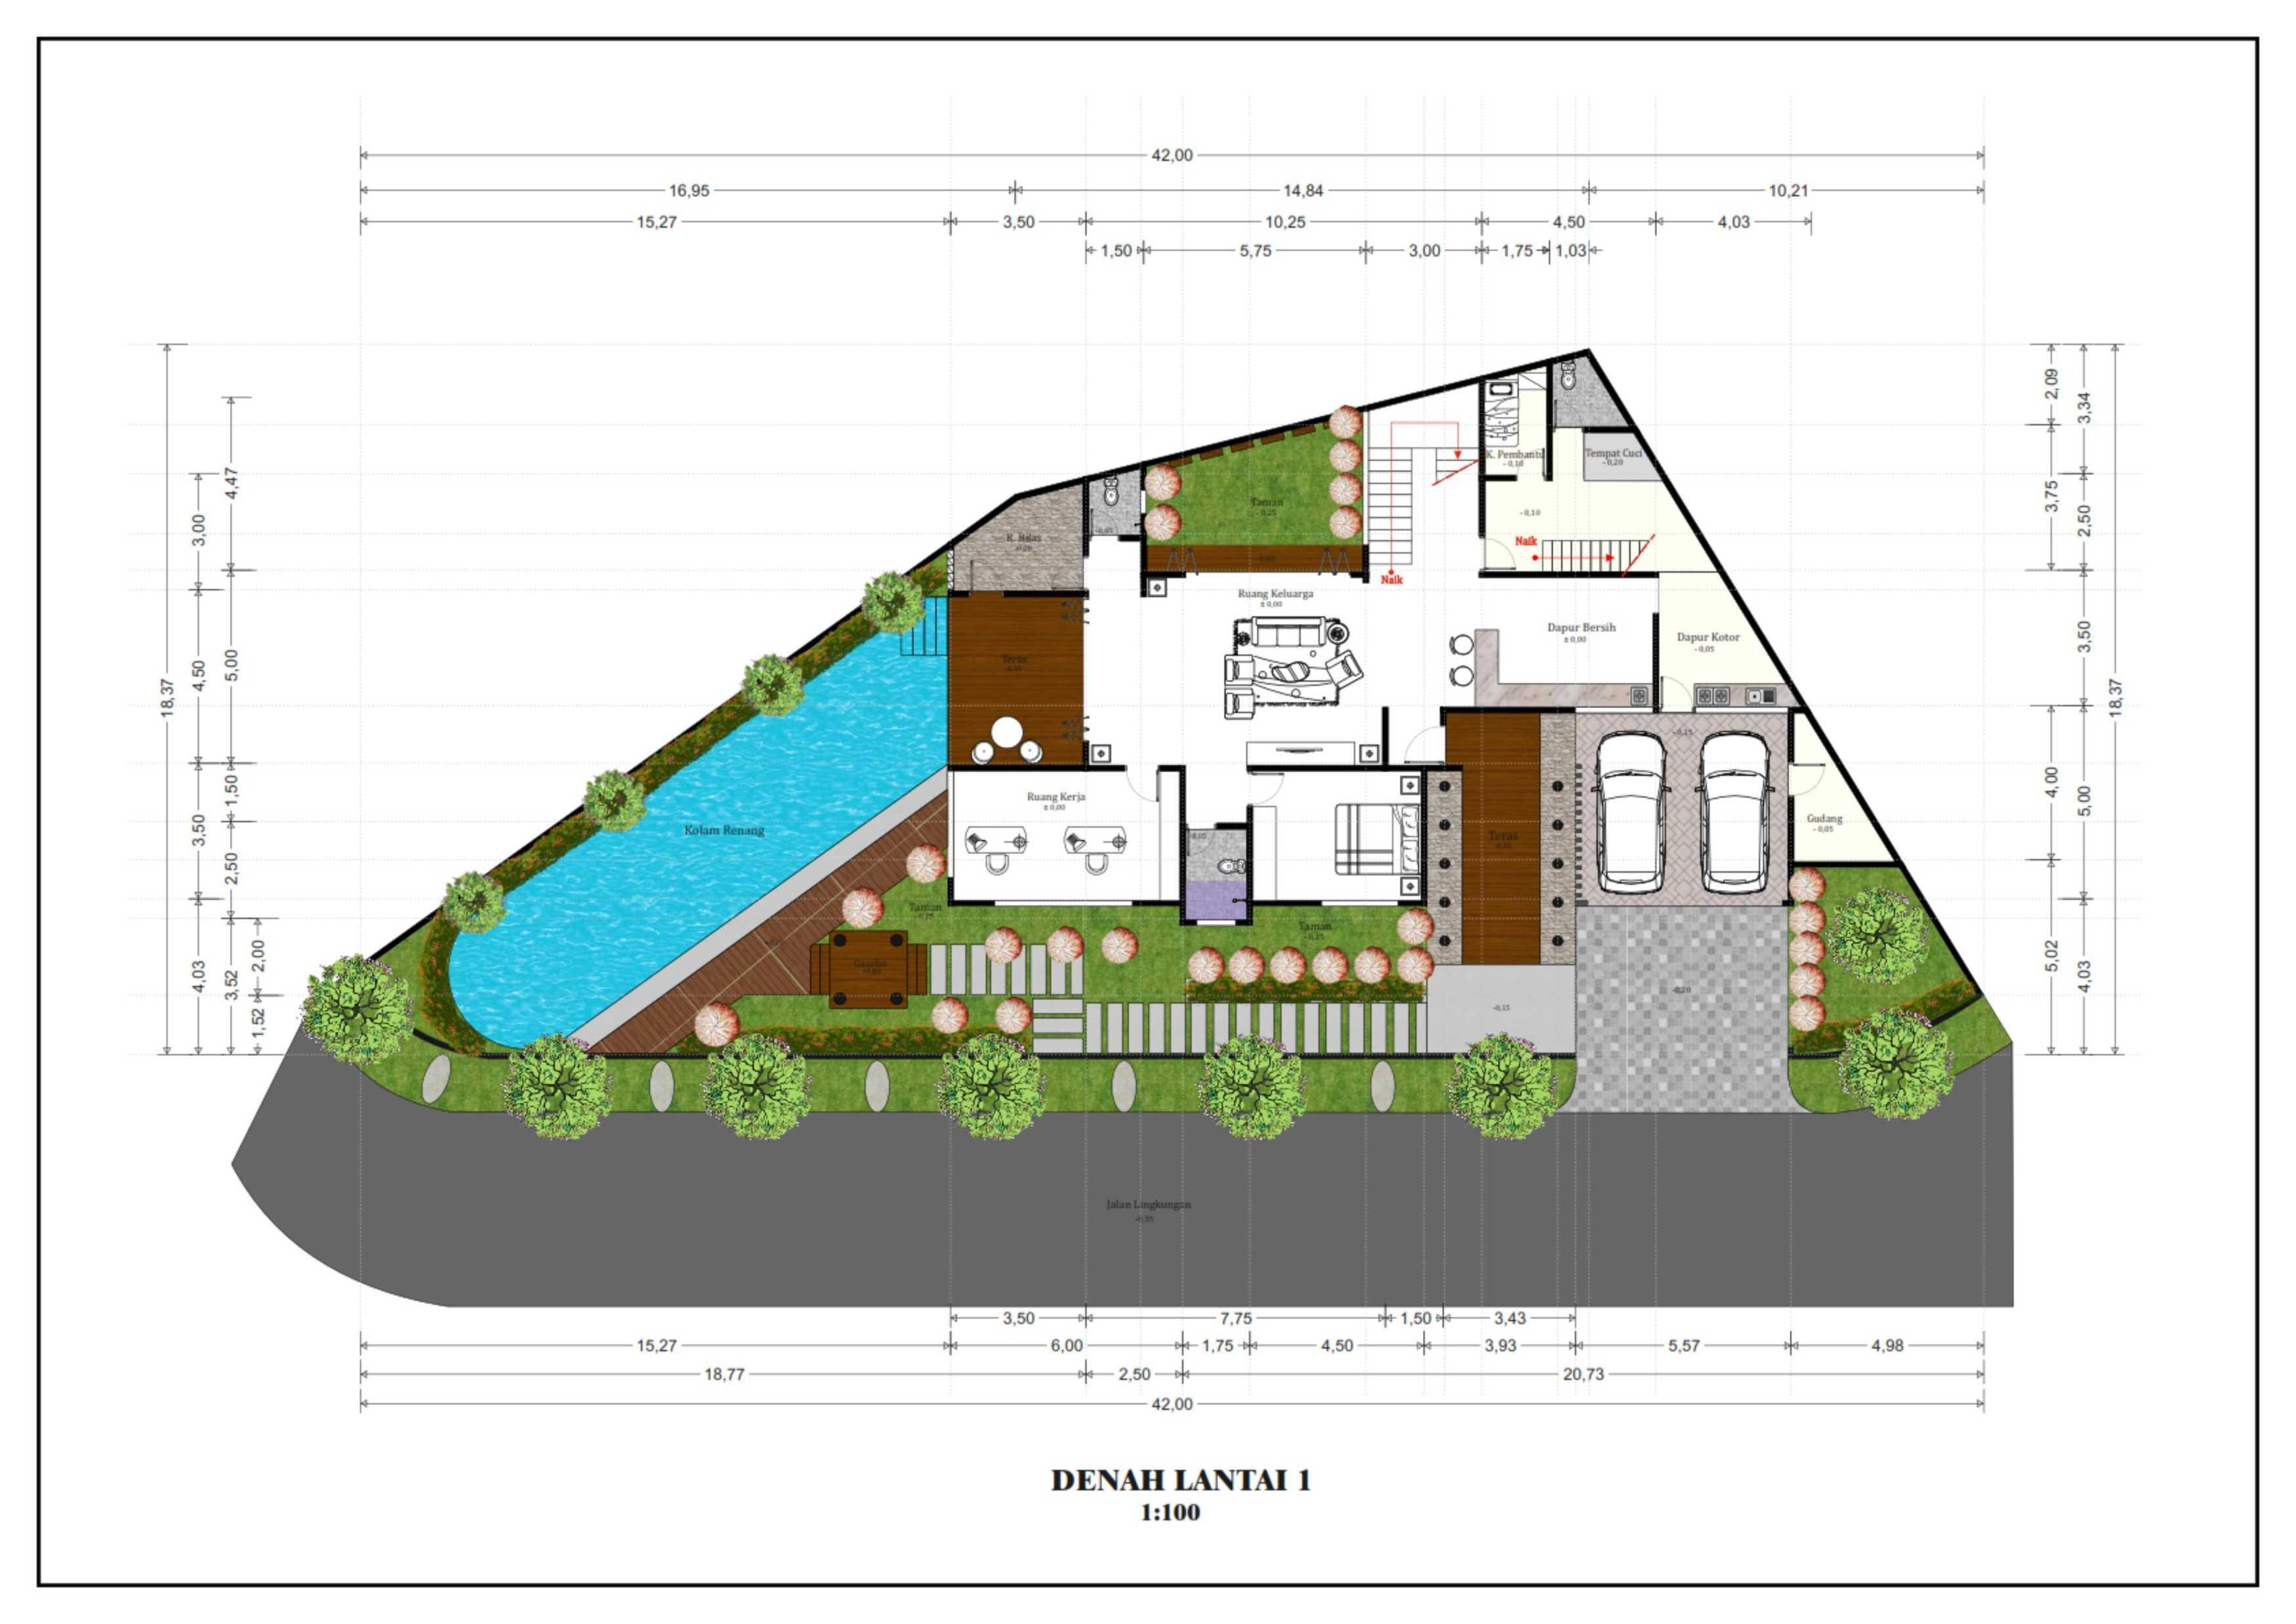 Hendra Budi Architect Privat House Tangerang Tangerang Tangerang Denah-Lantai-1 Modern  16365